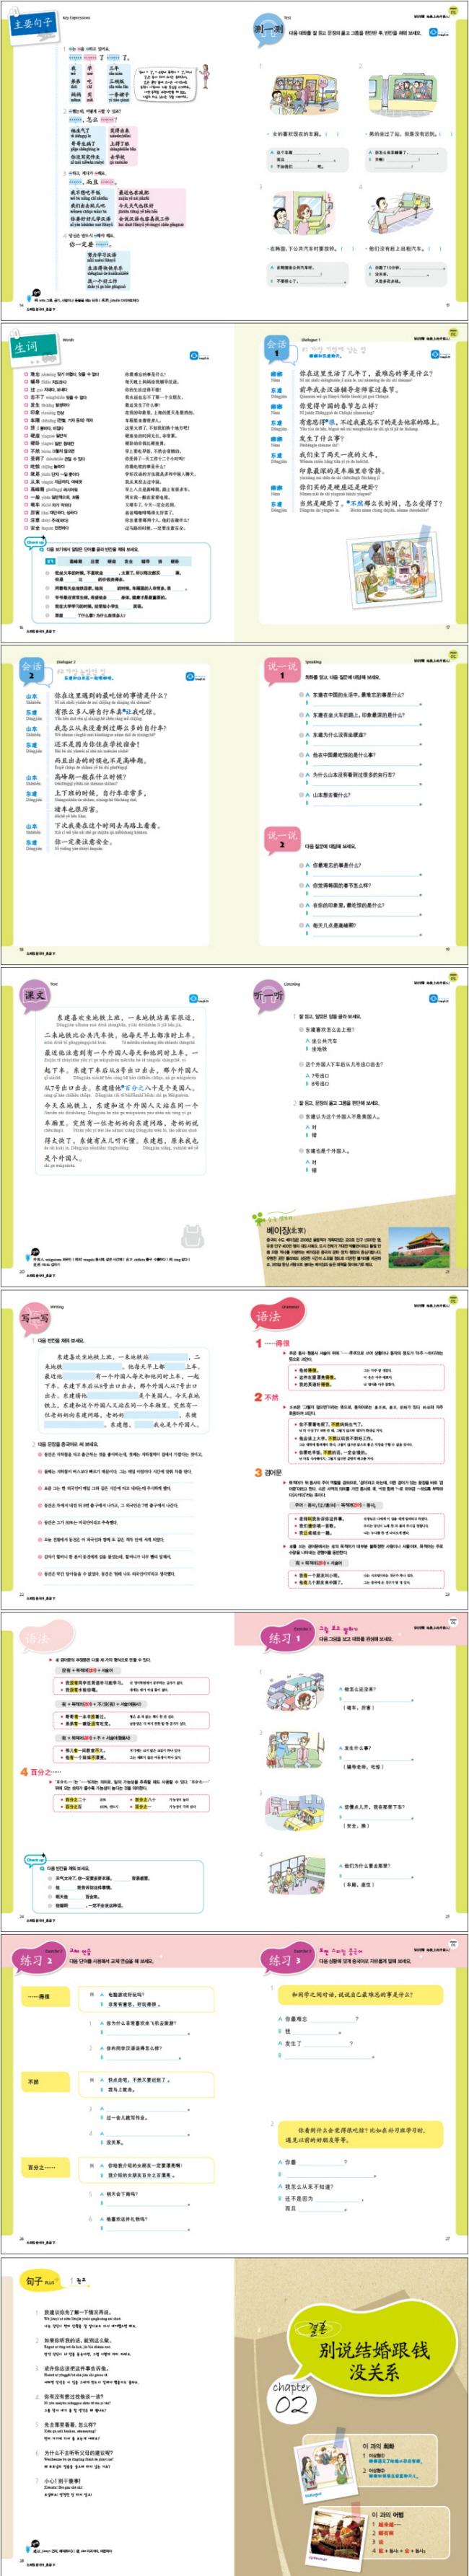 스피킹 중국어 초급(하)(MP3CD1장포함) 도서 상세이미지